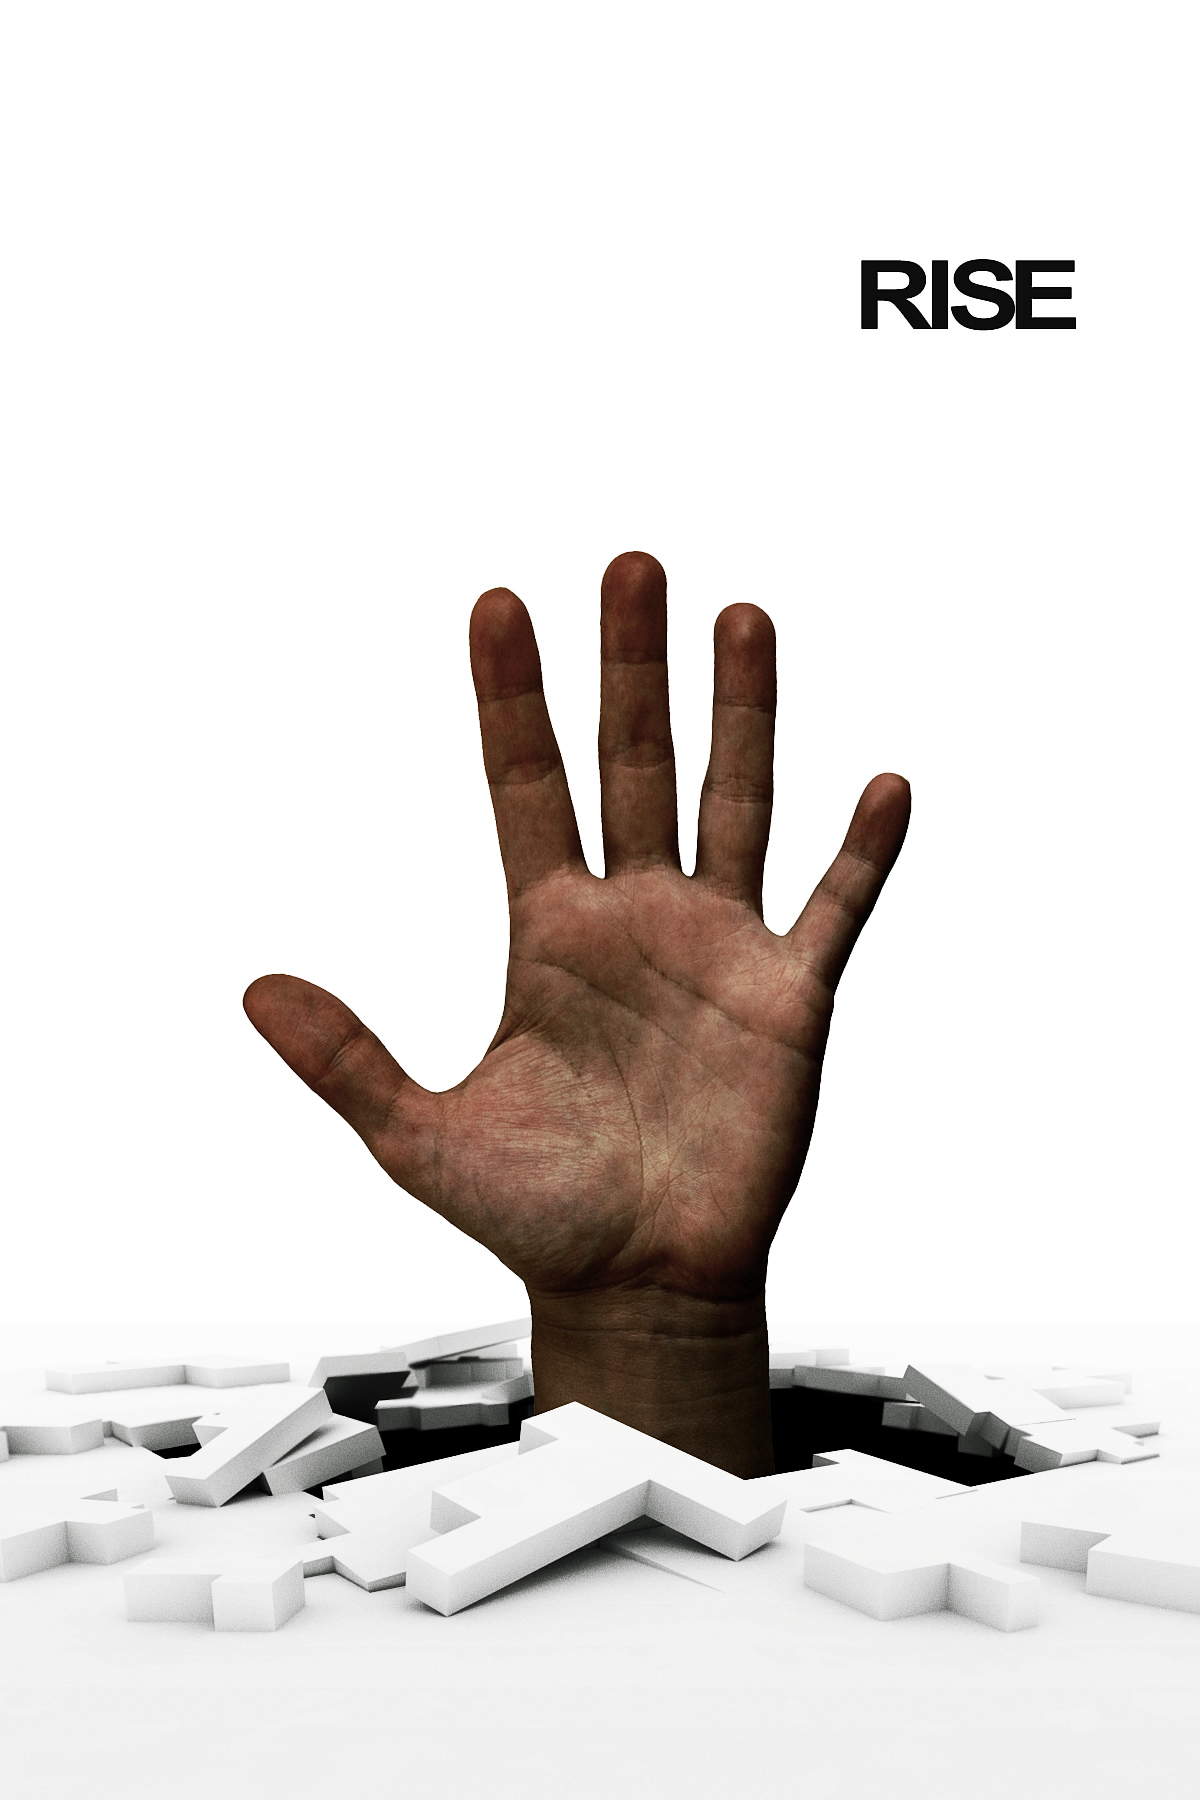 Rise by tetsuwan